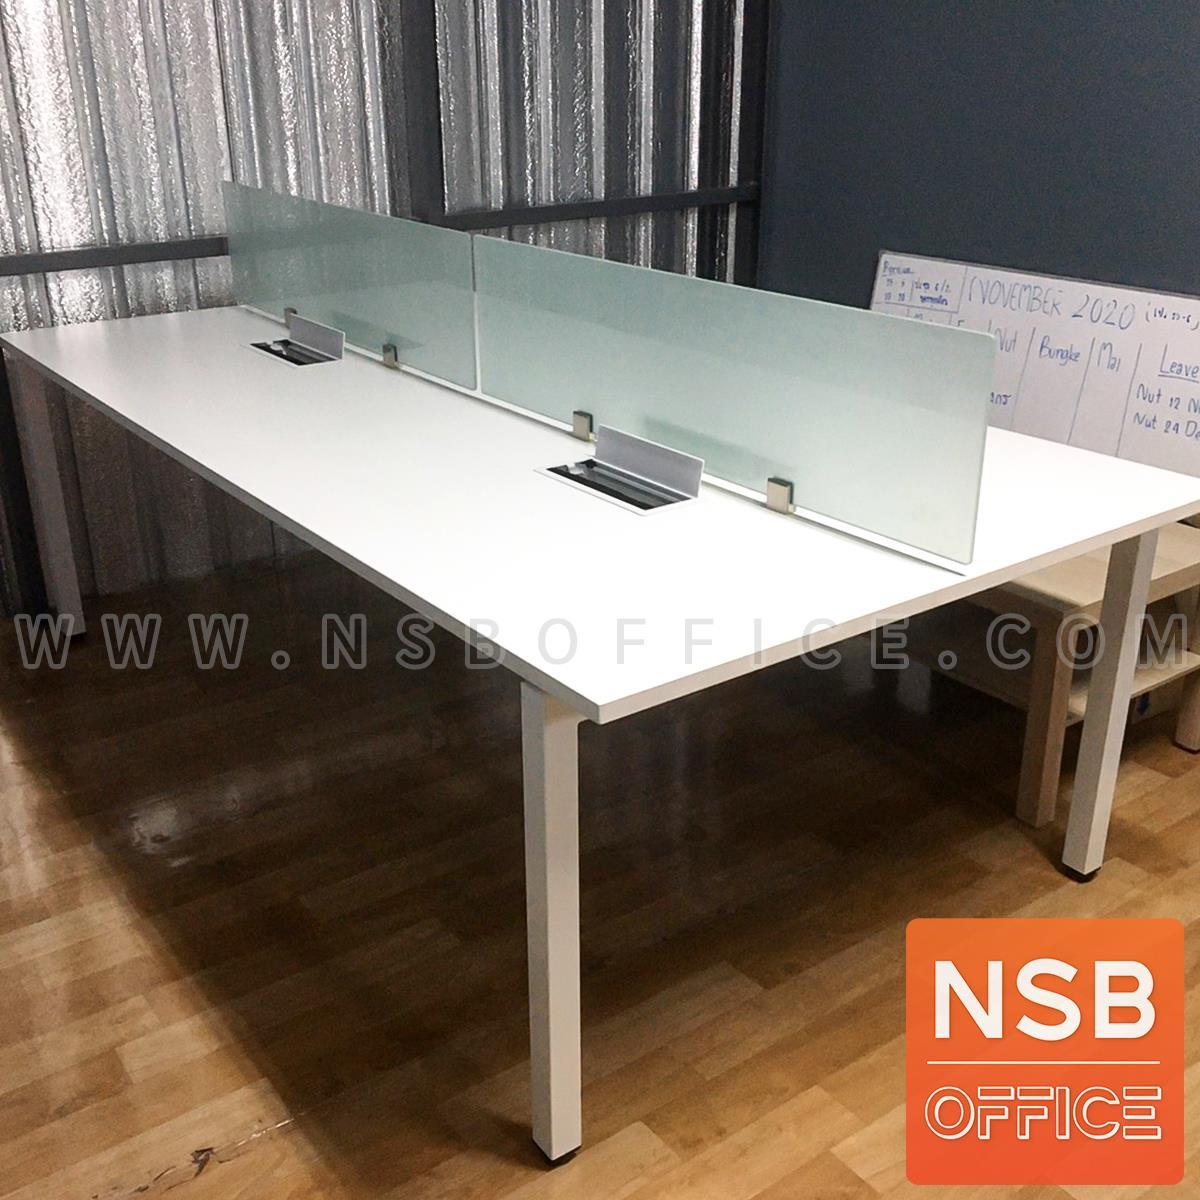 ชุดโต๊ะทำงานกลุ่ม รุ่น Smart  พร้อมมินิสกรีนและกล่องไฟทุกที่นั่ง